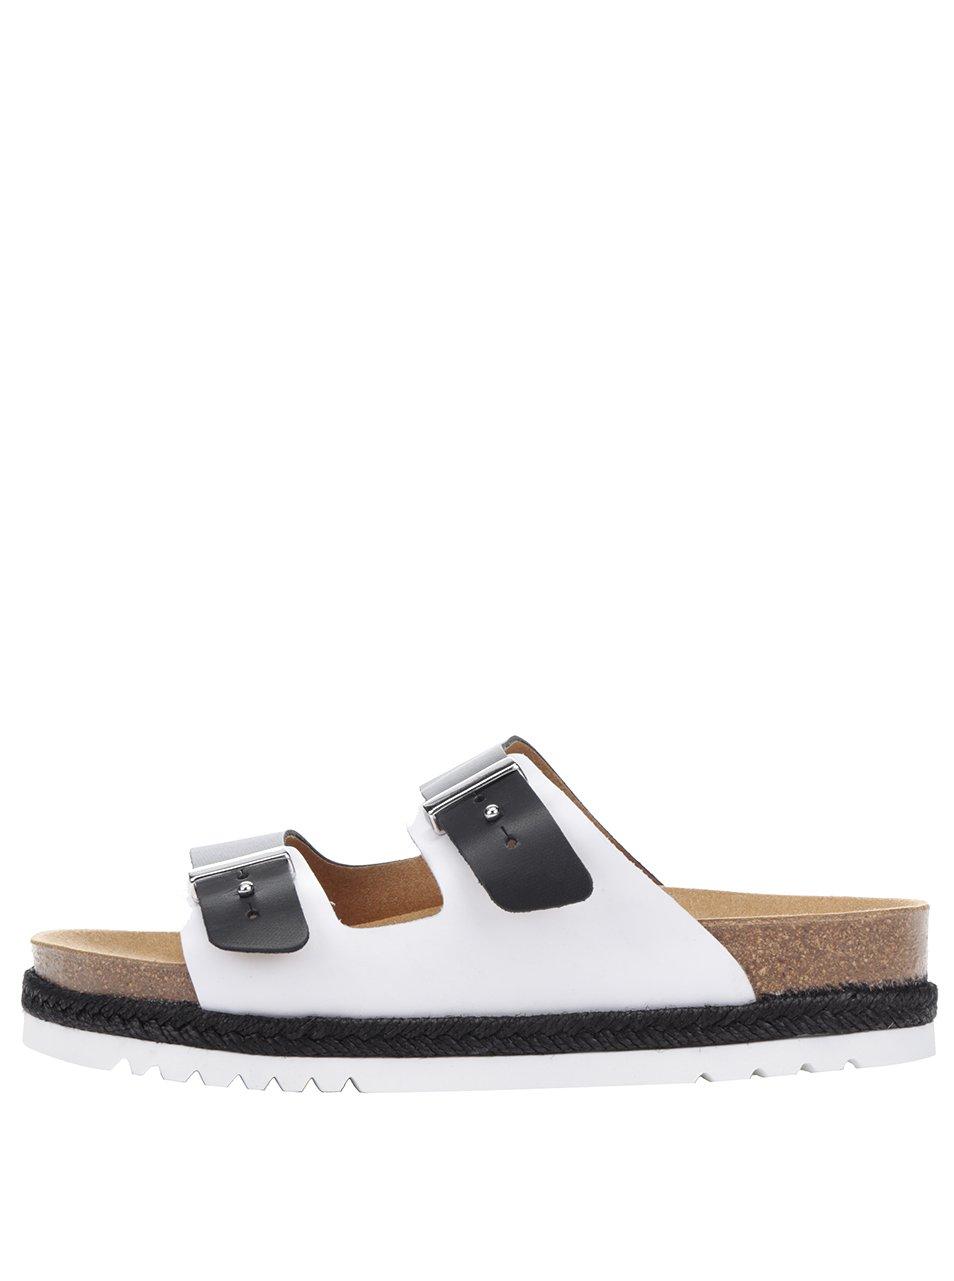 Černo-bílé dámské kožené zdravotní pantofle Scholl Olympe